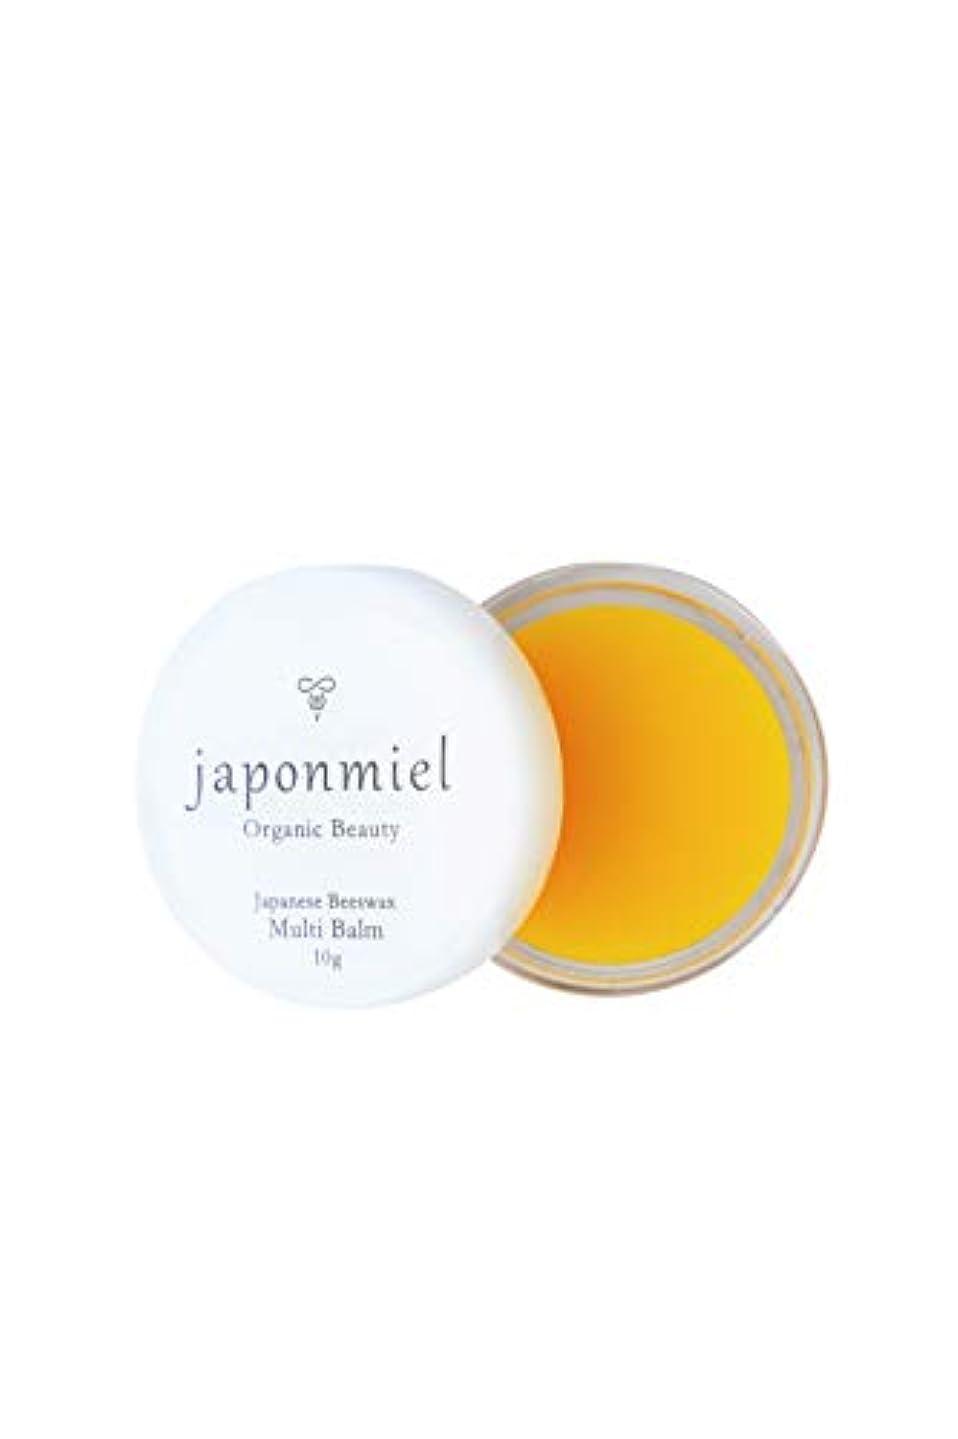 編集するパテ時japonmiel オーガニック マルチバーム 10g (日本ミツバチ ミツロウ 配合 100%自然由来)